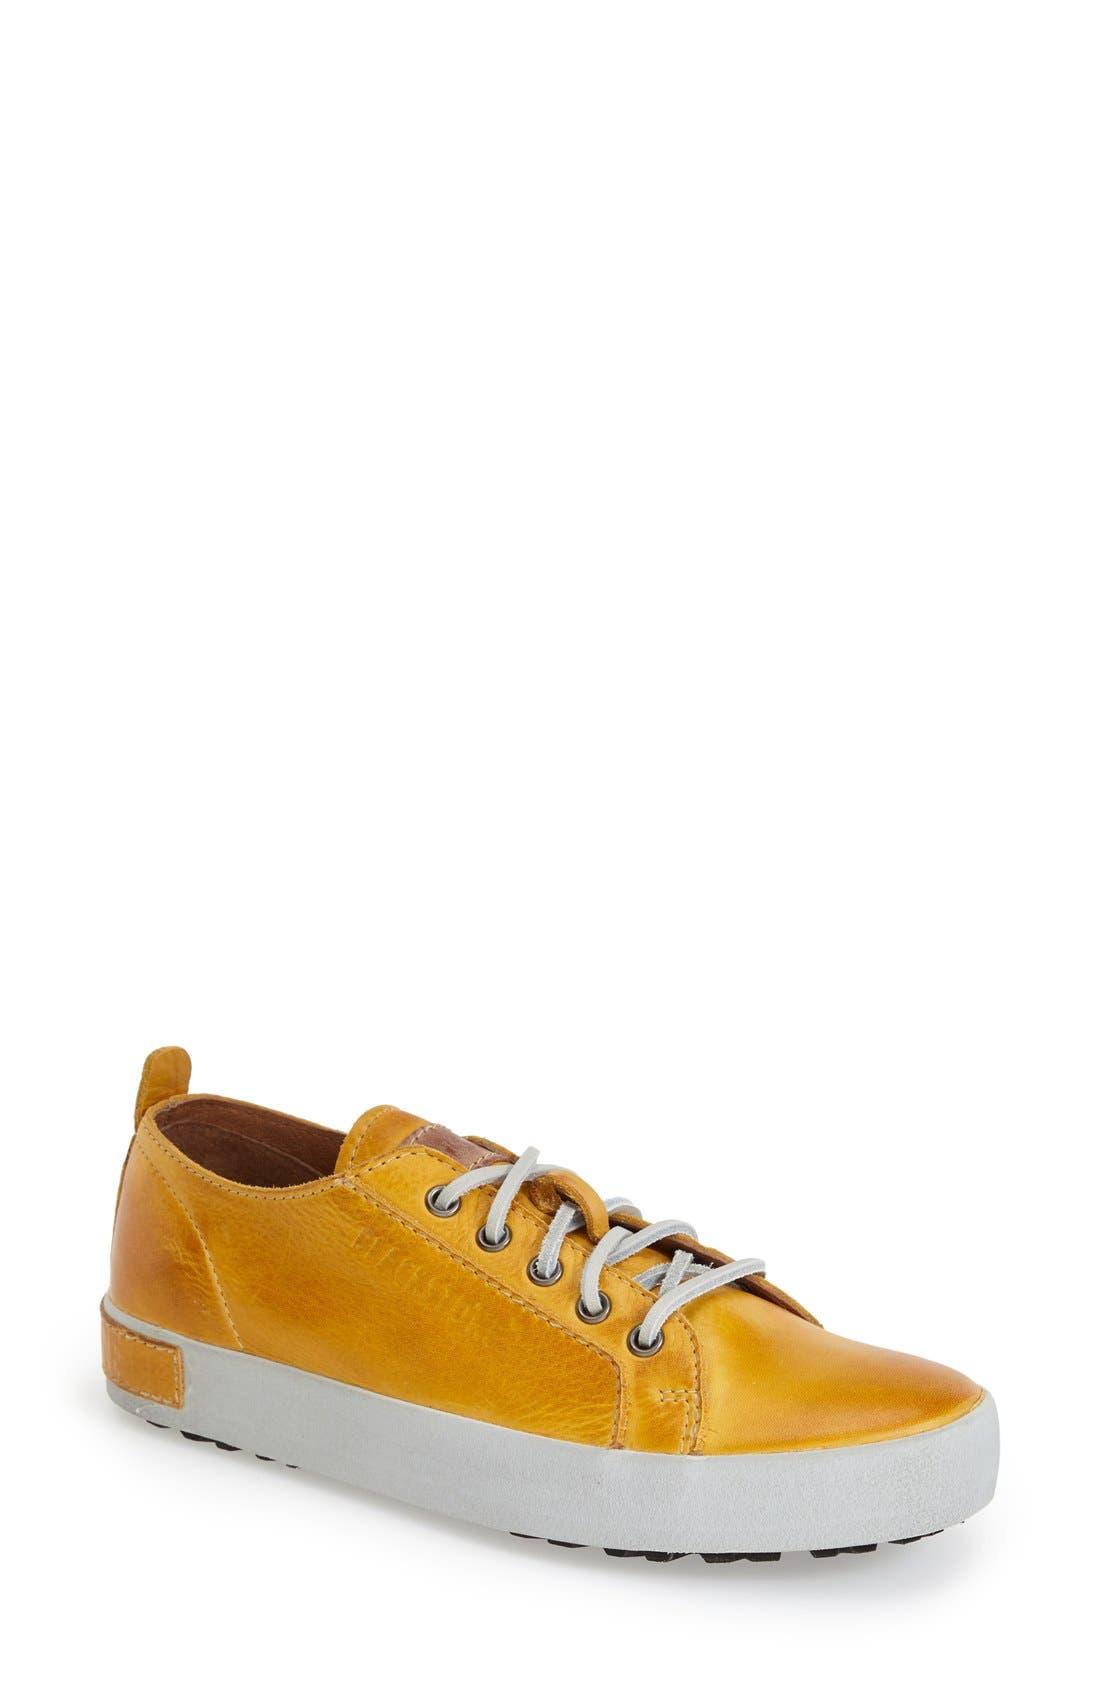 'Jl20' Sneaker